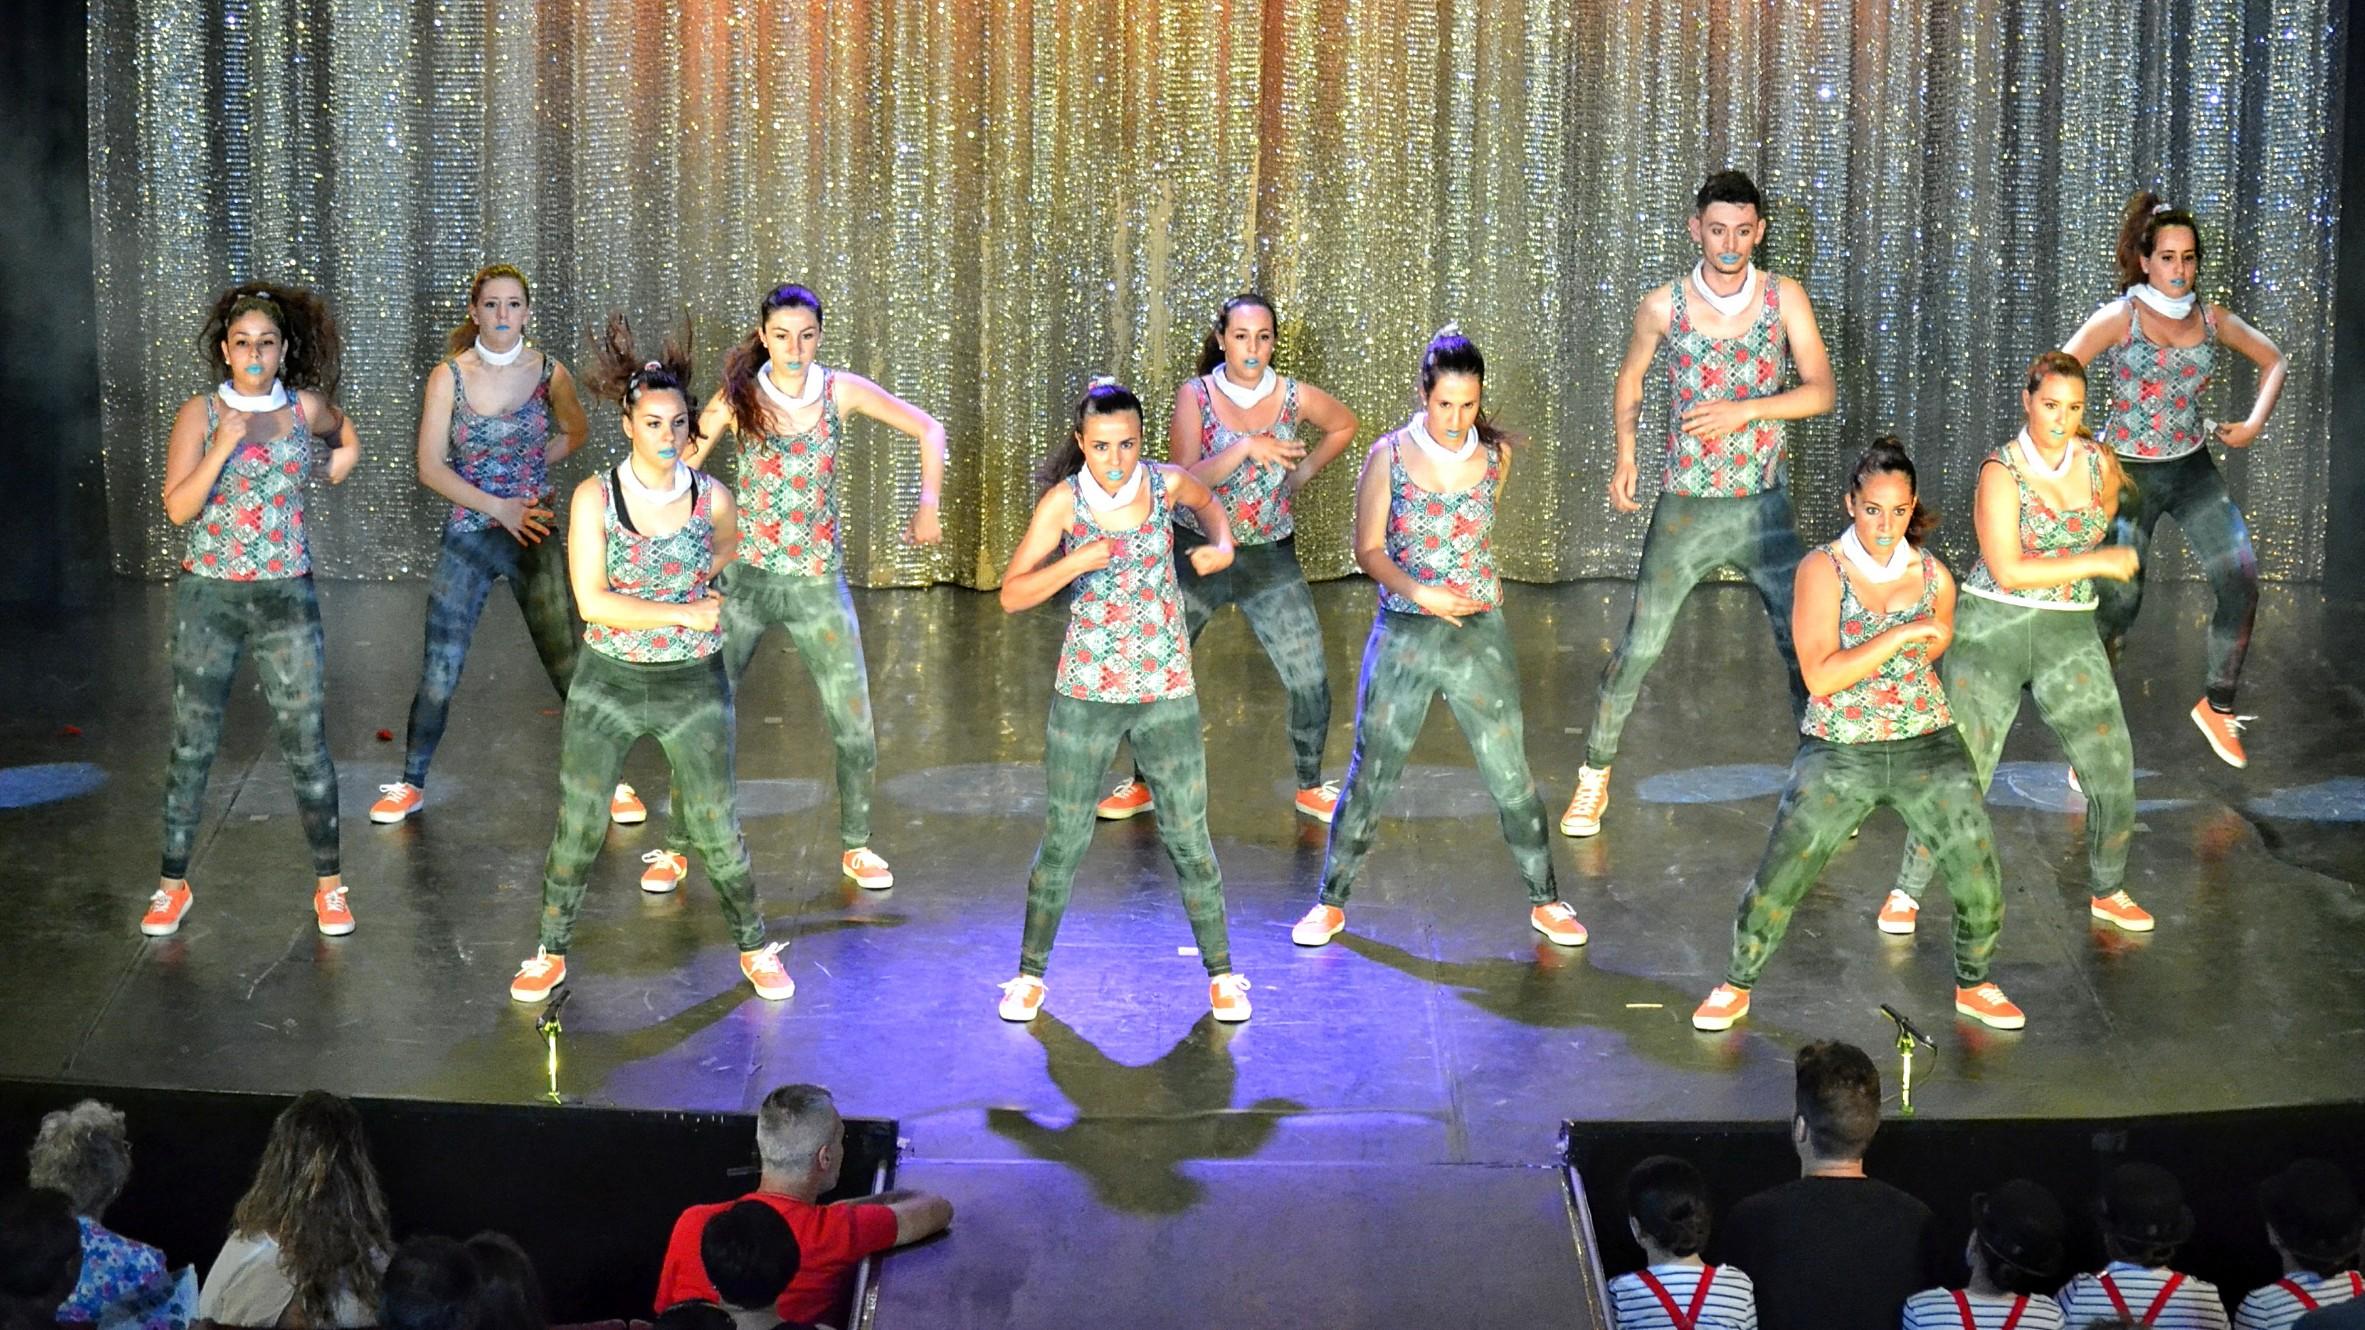 Linea-de-Baile-festival-verano-2015-clases-de-baile-valencia-115